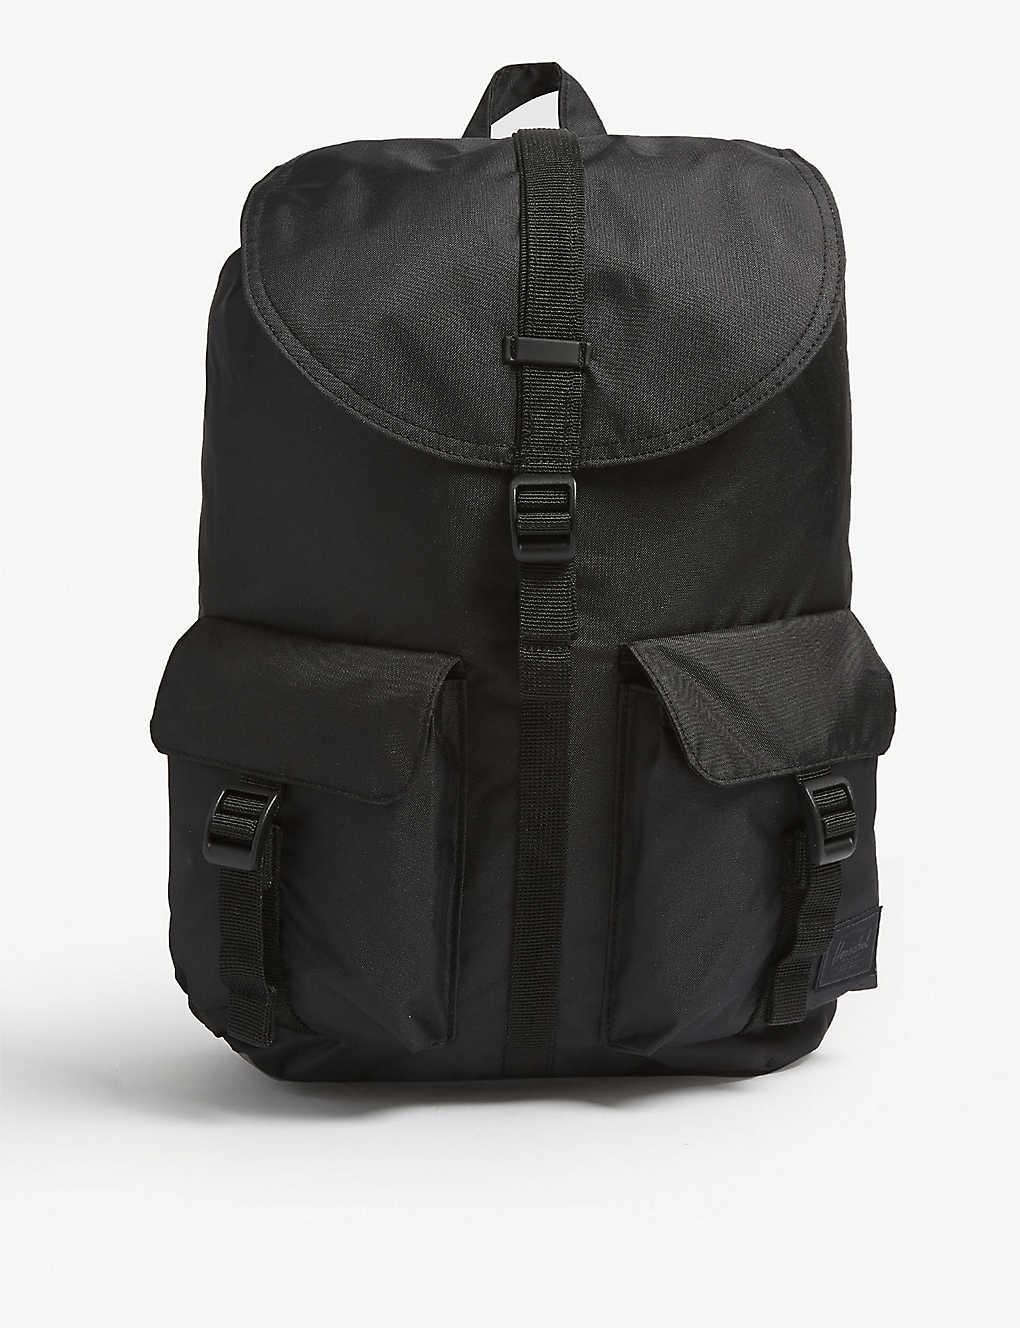 4529e7afa687c4 HERSCHEL SUPPLY CO - Dawson Light backpack | Selfridges.com